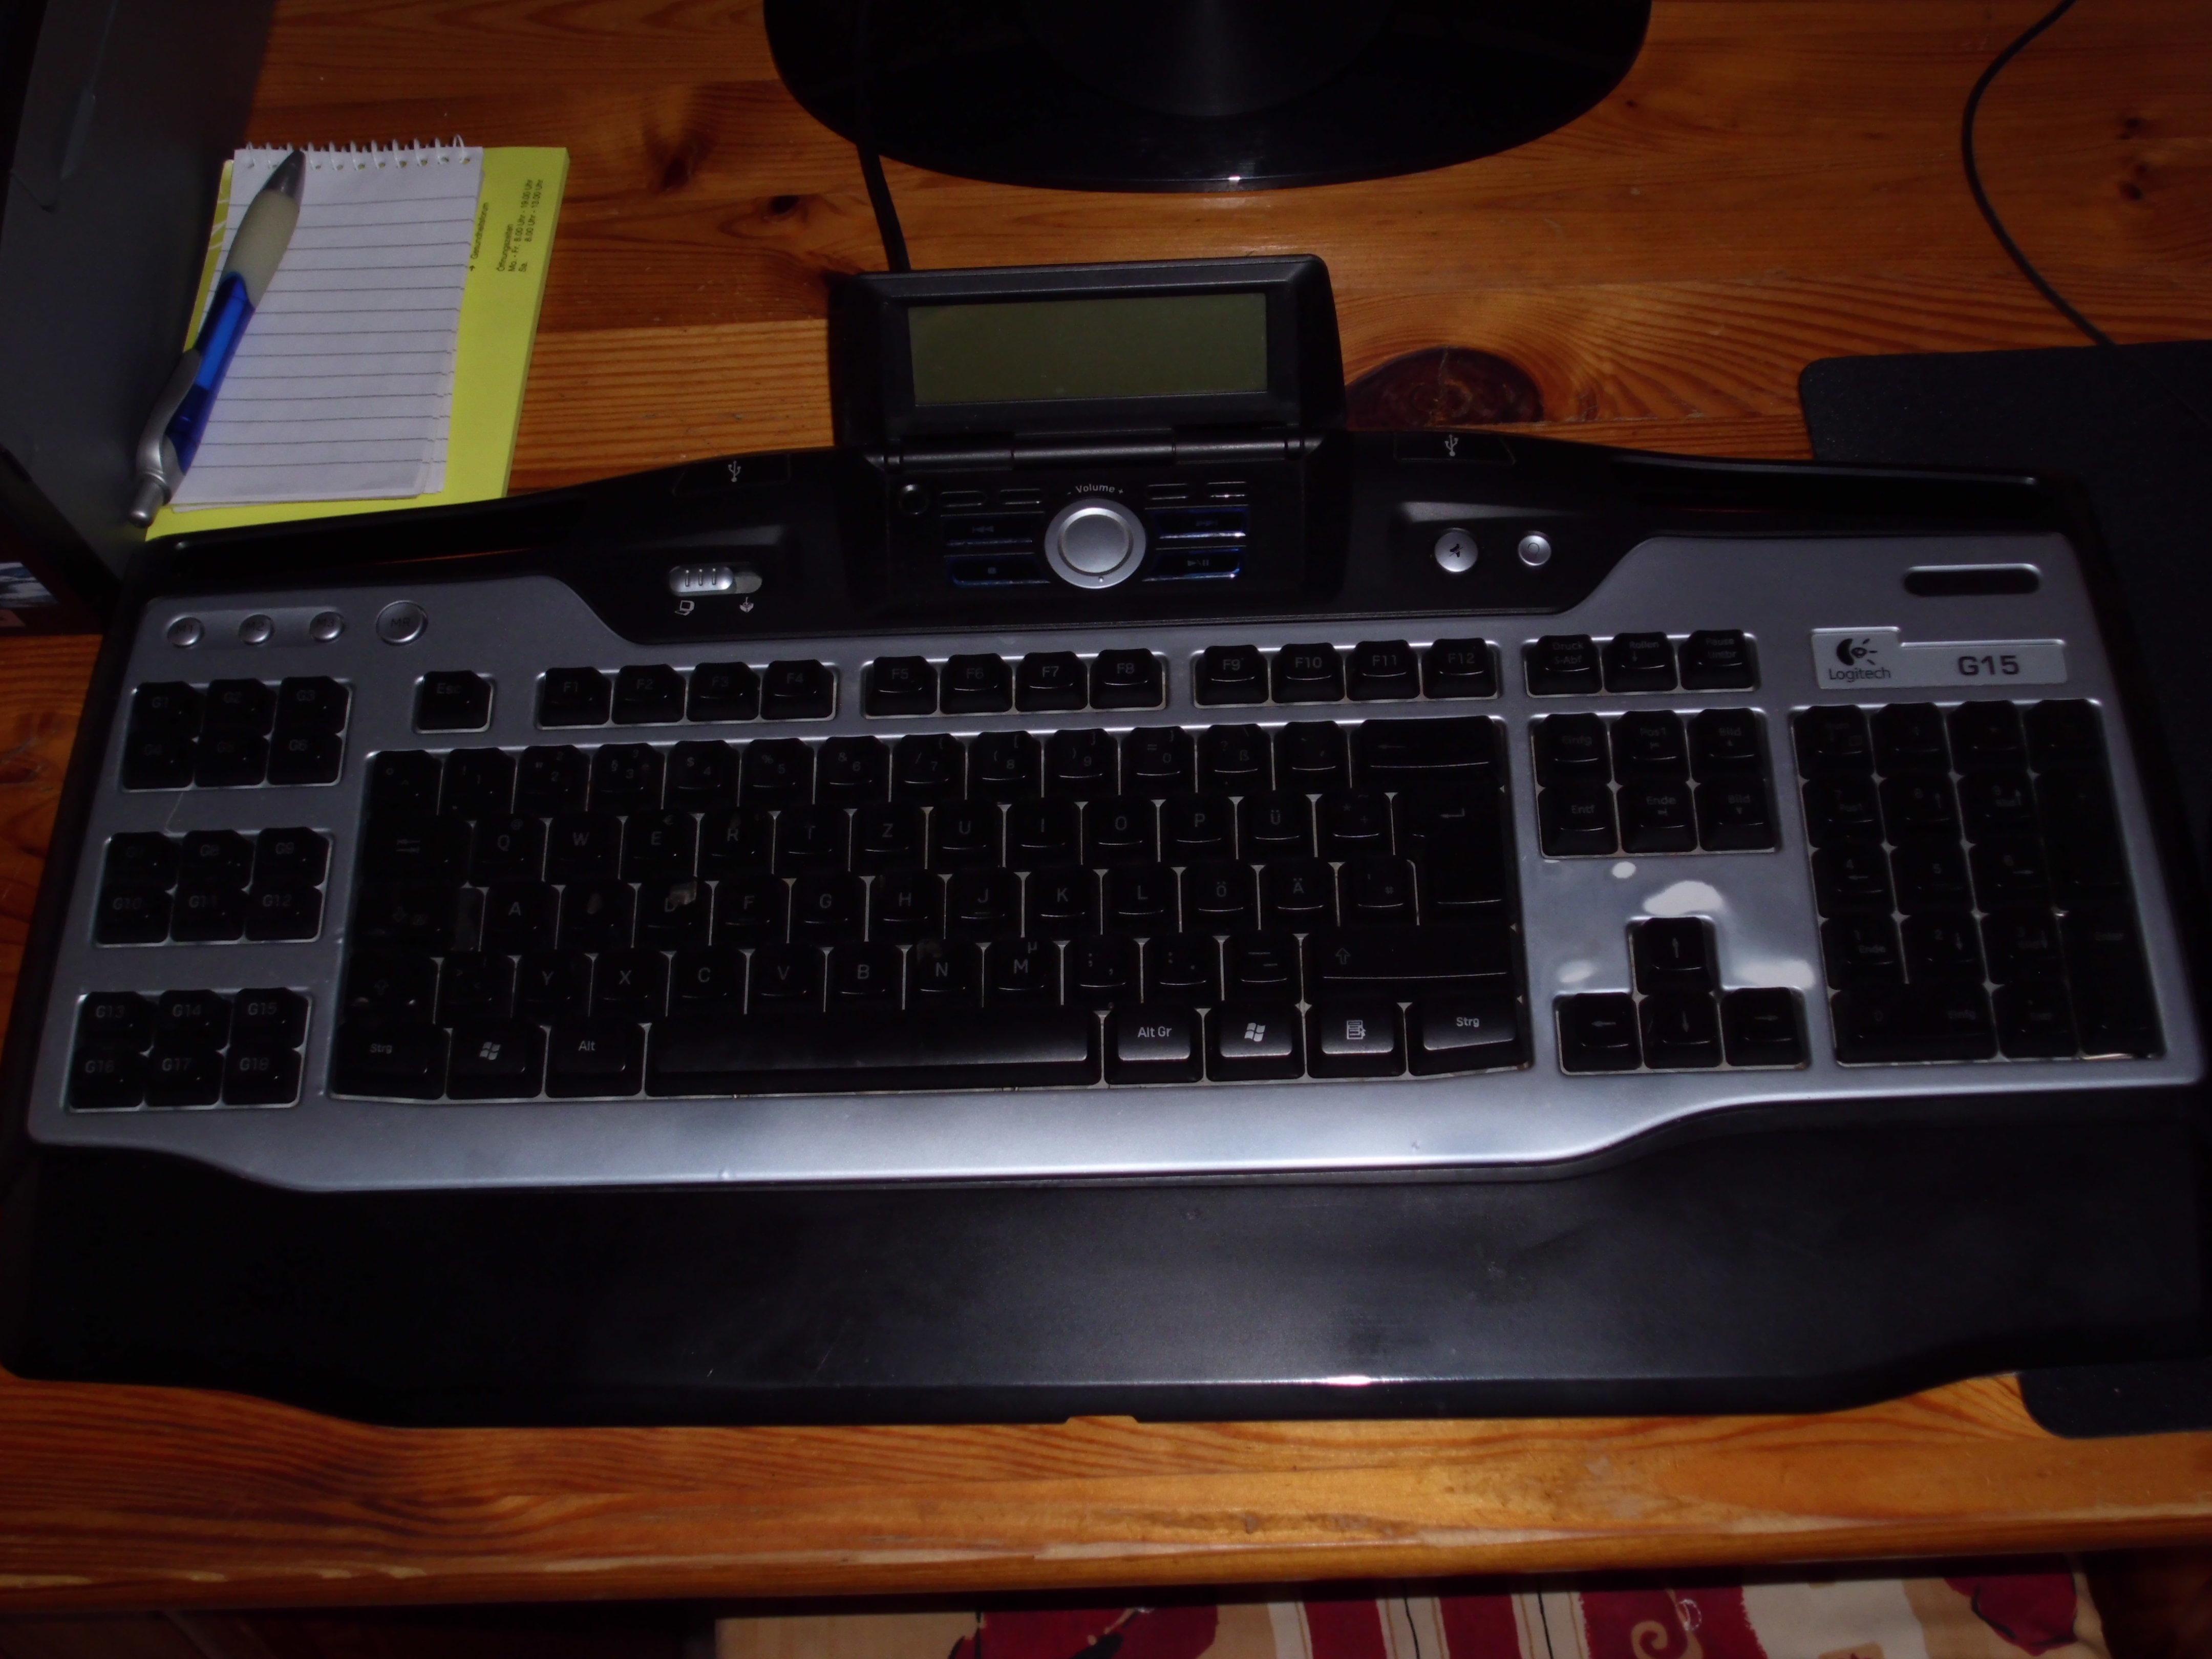 Klicken Sie auf die Grafik für eine größere Ansicht  Name:Tastatur.JPG Hits:246 Größe:1,01 MB ID:771521